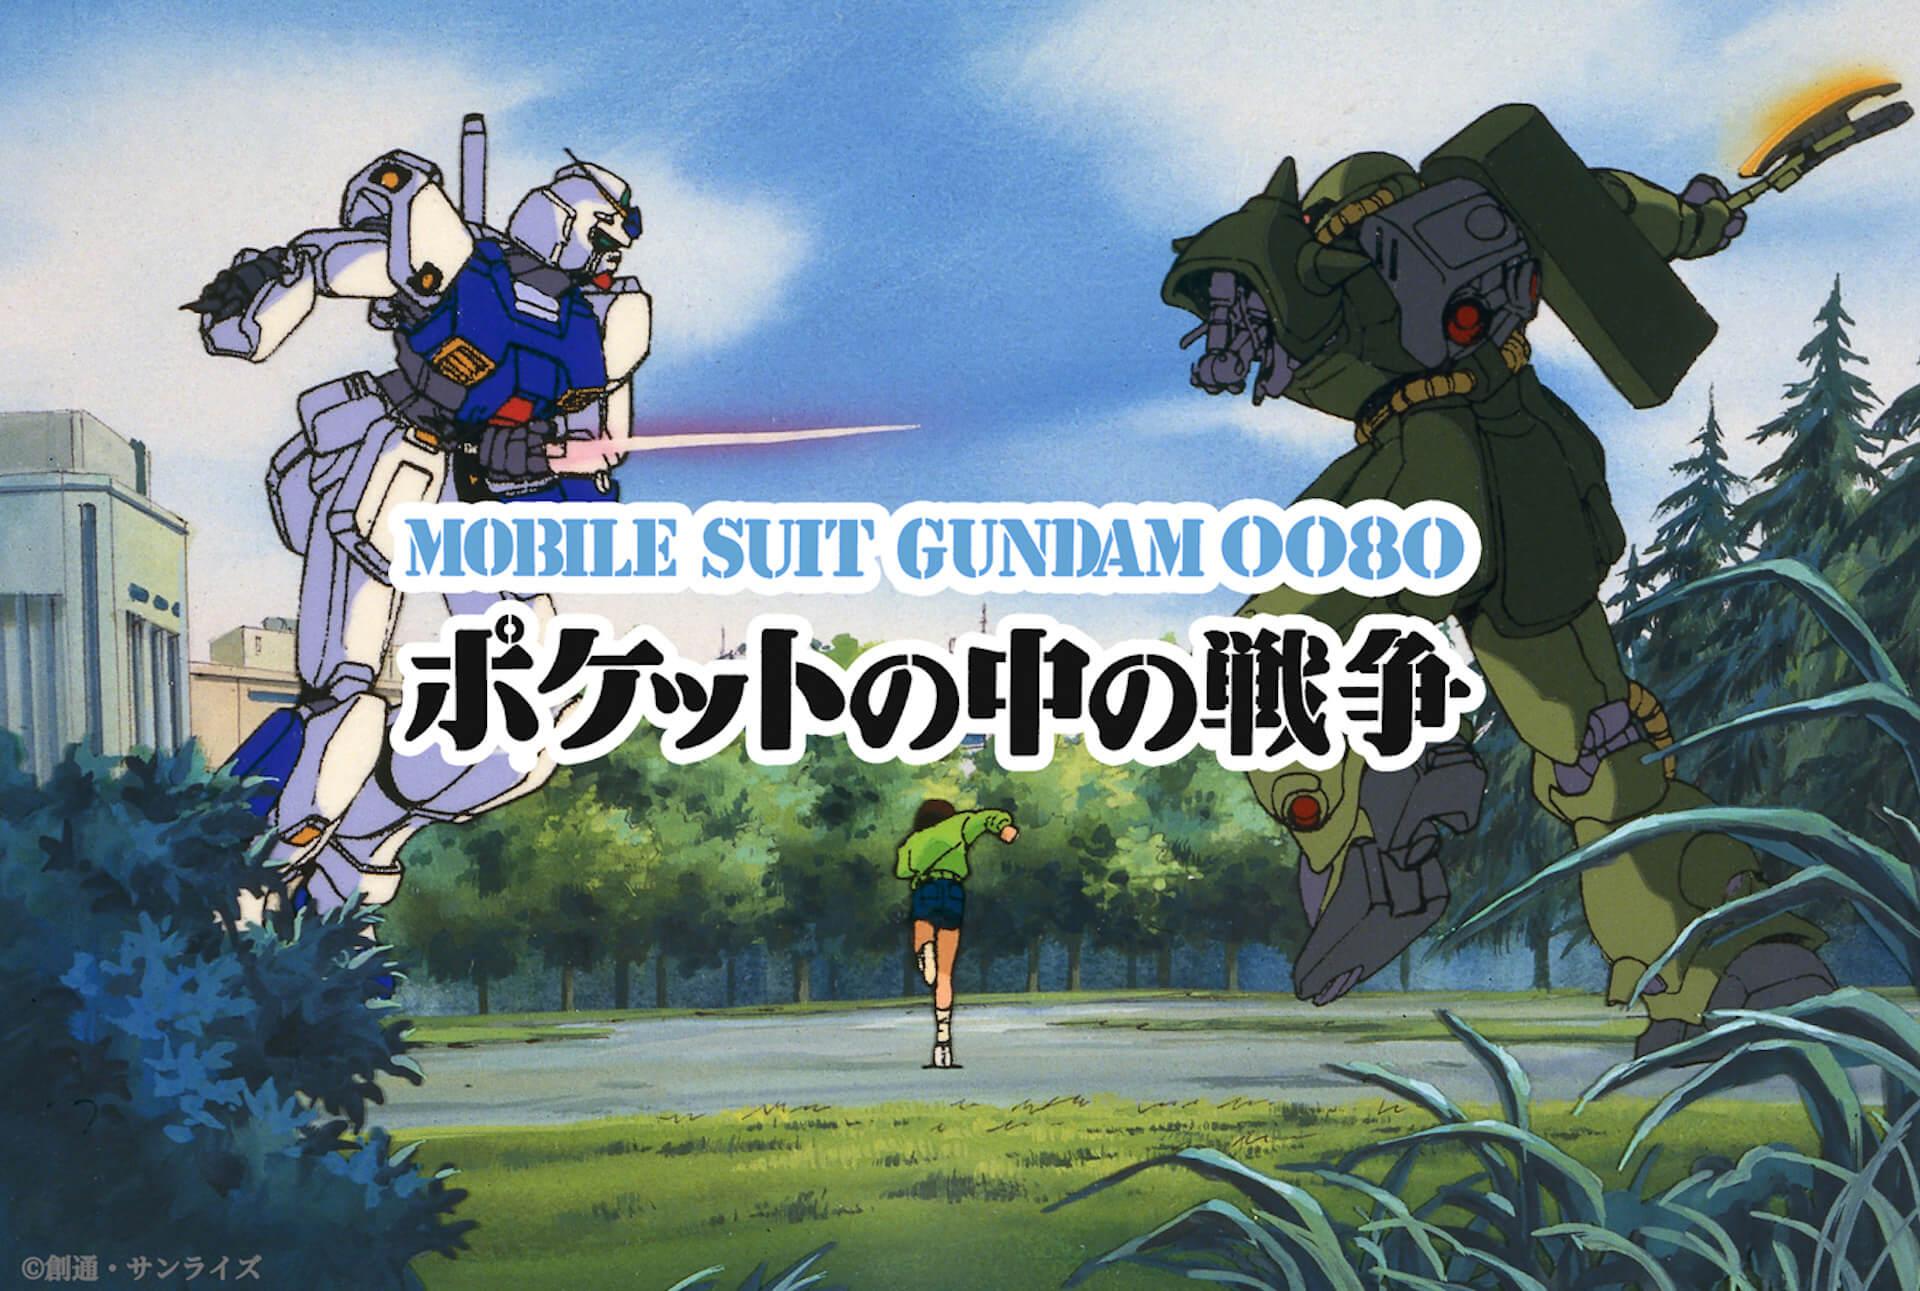 今度は『機動戦士ガンダム0080』が無料プレミア公開決定!ガンダム公式YouTubeチャンネル登録者80万人突破 art210212_gundam0080_6